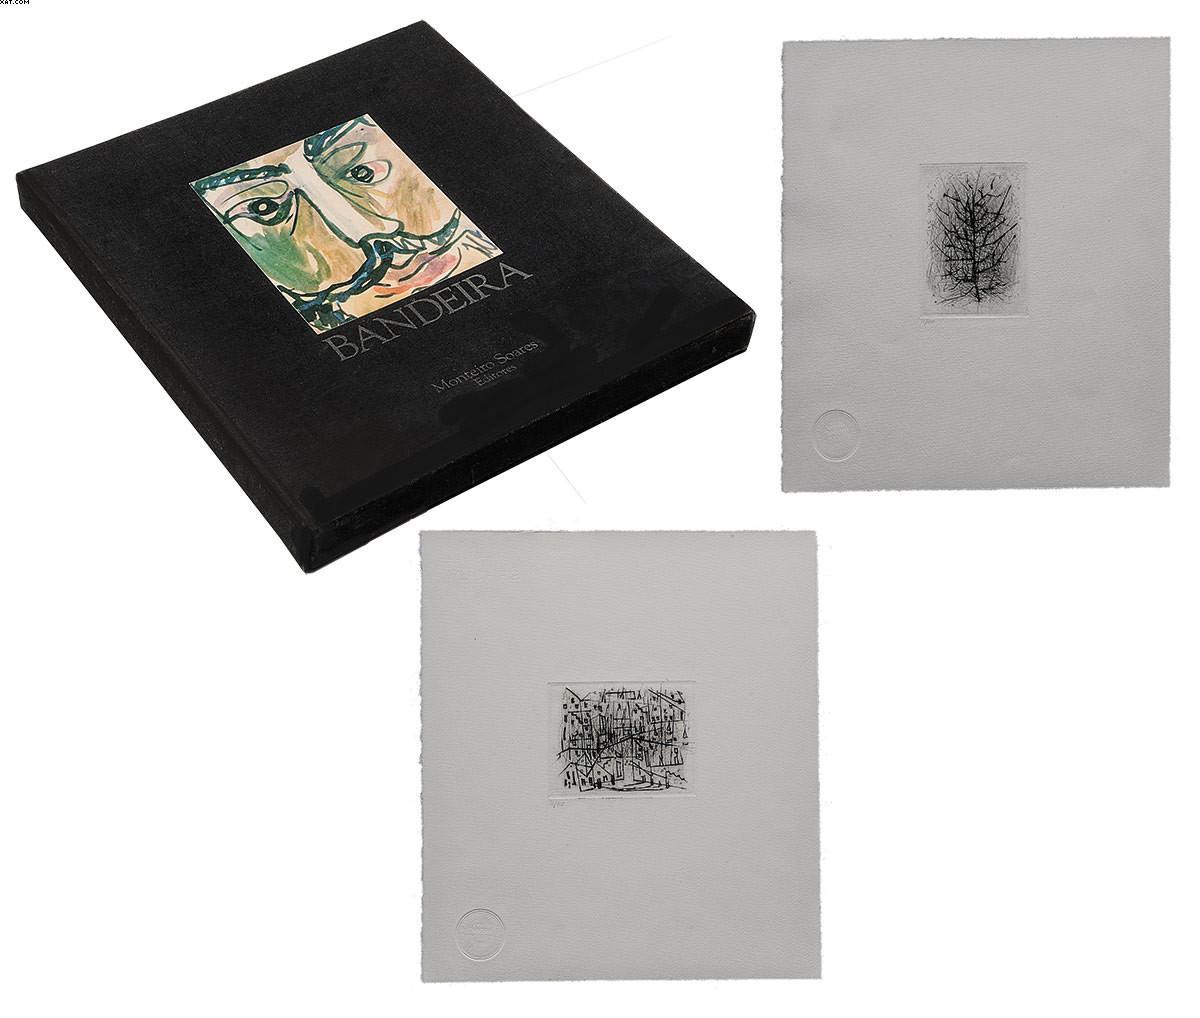 Livro contendo 9 gravuras originais - Antônio Bandeira (1922-1967)